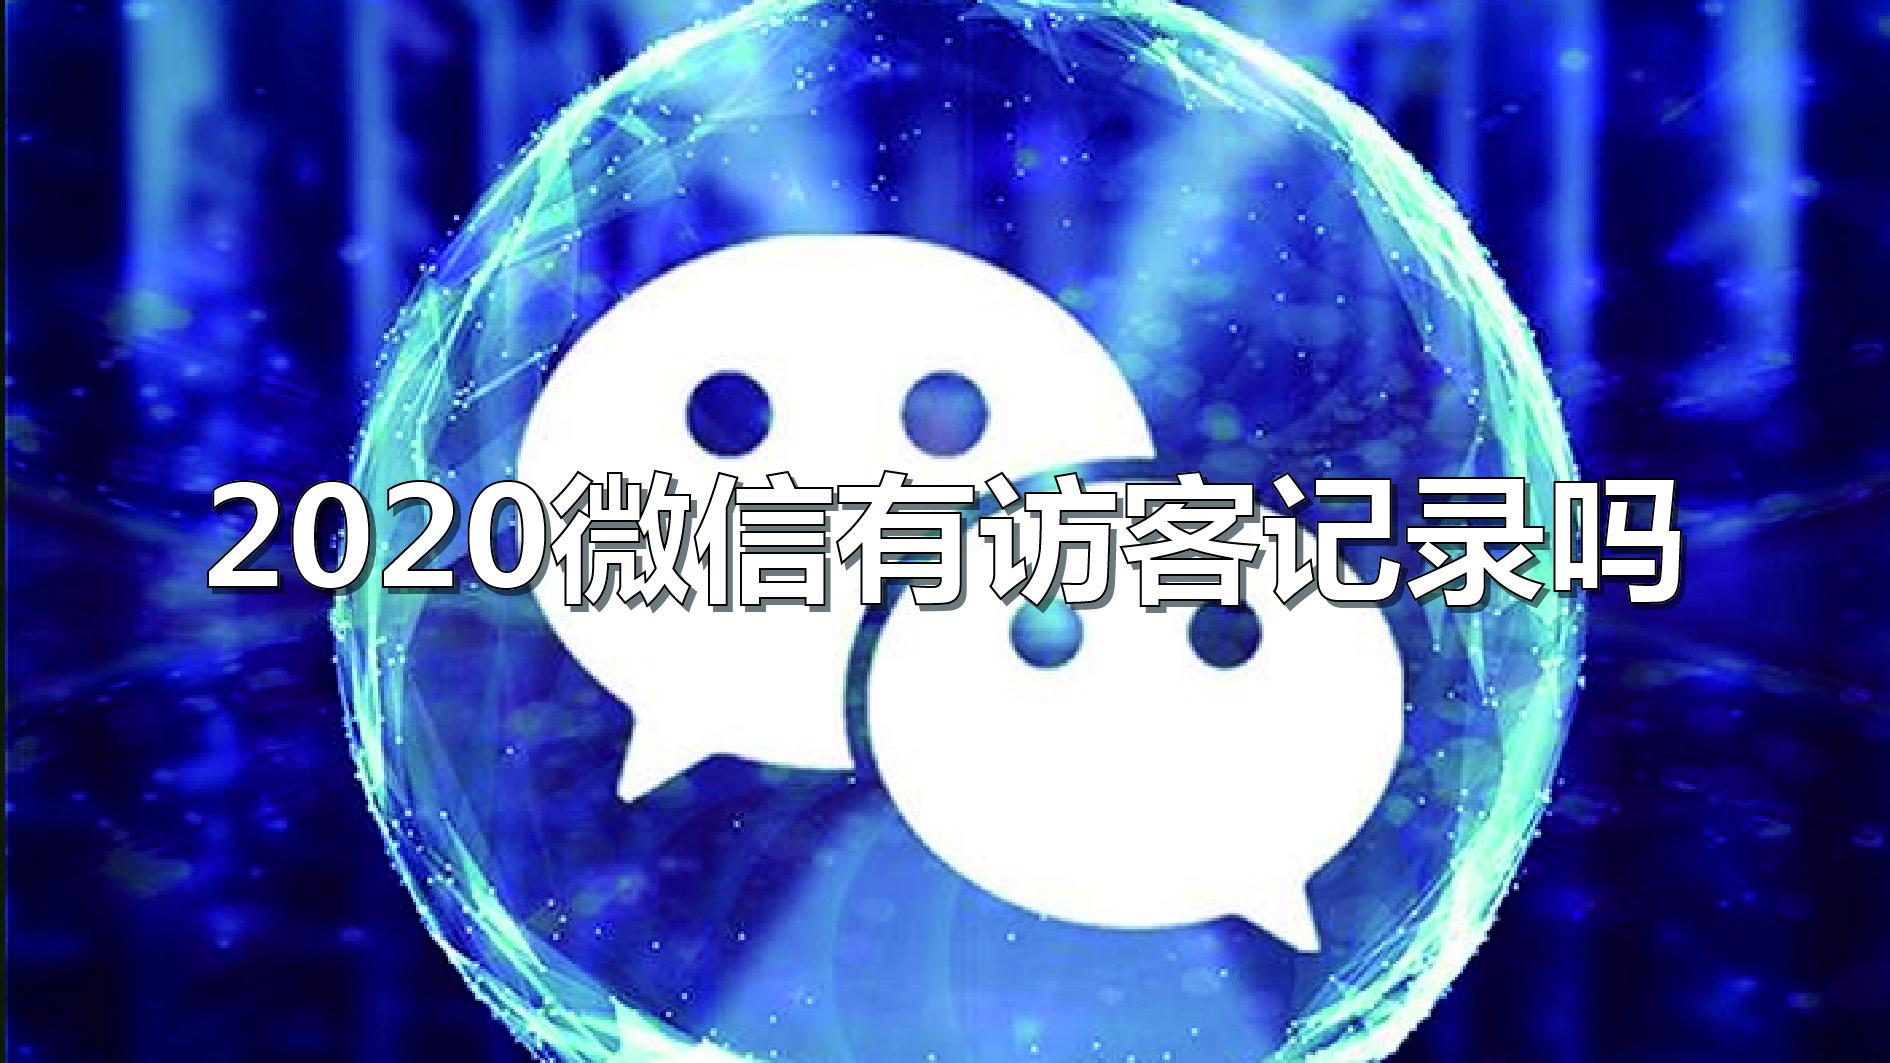 2020微信有访客记录吗